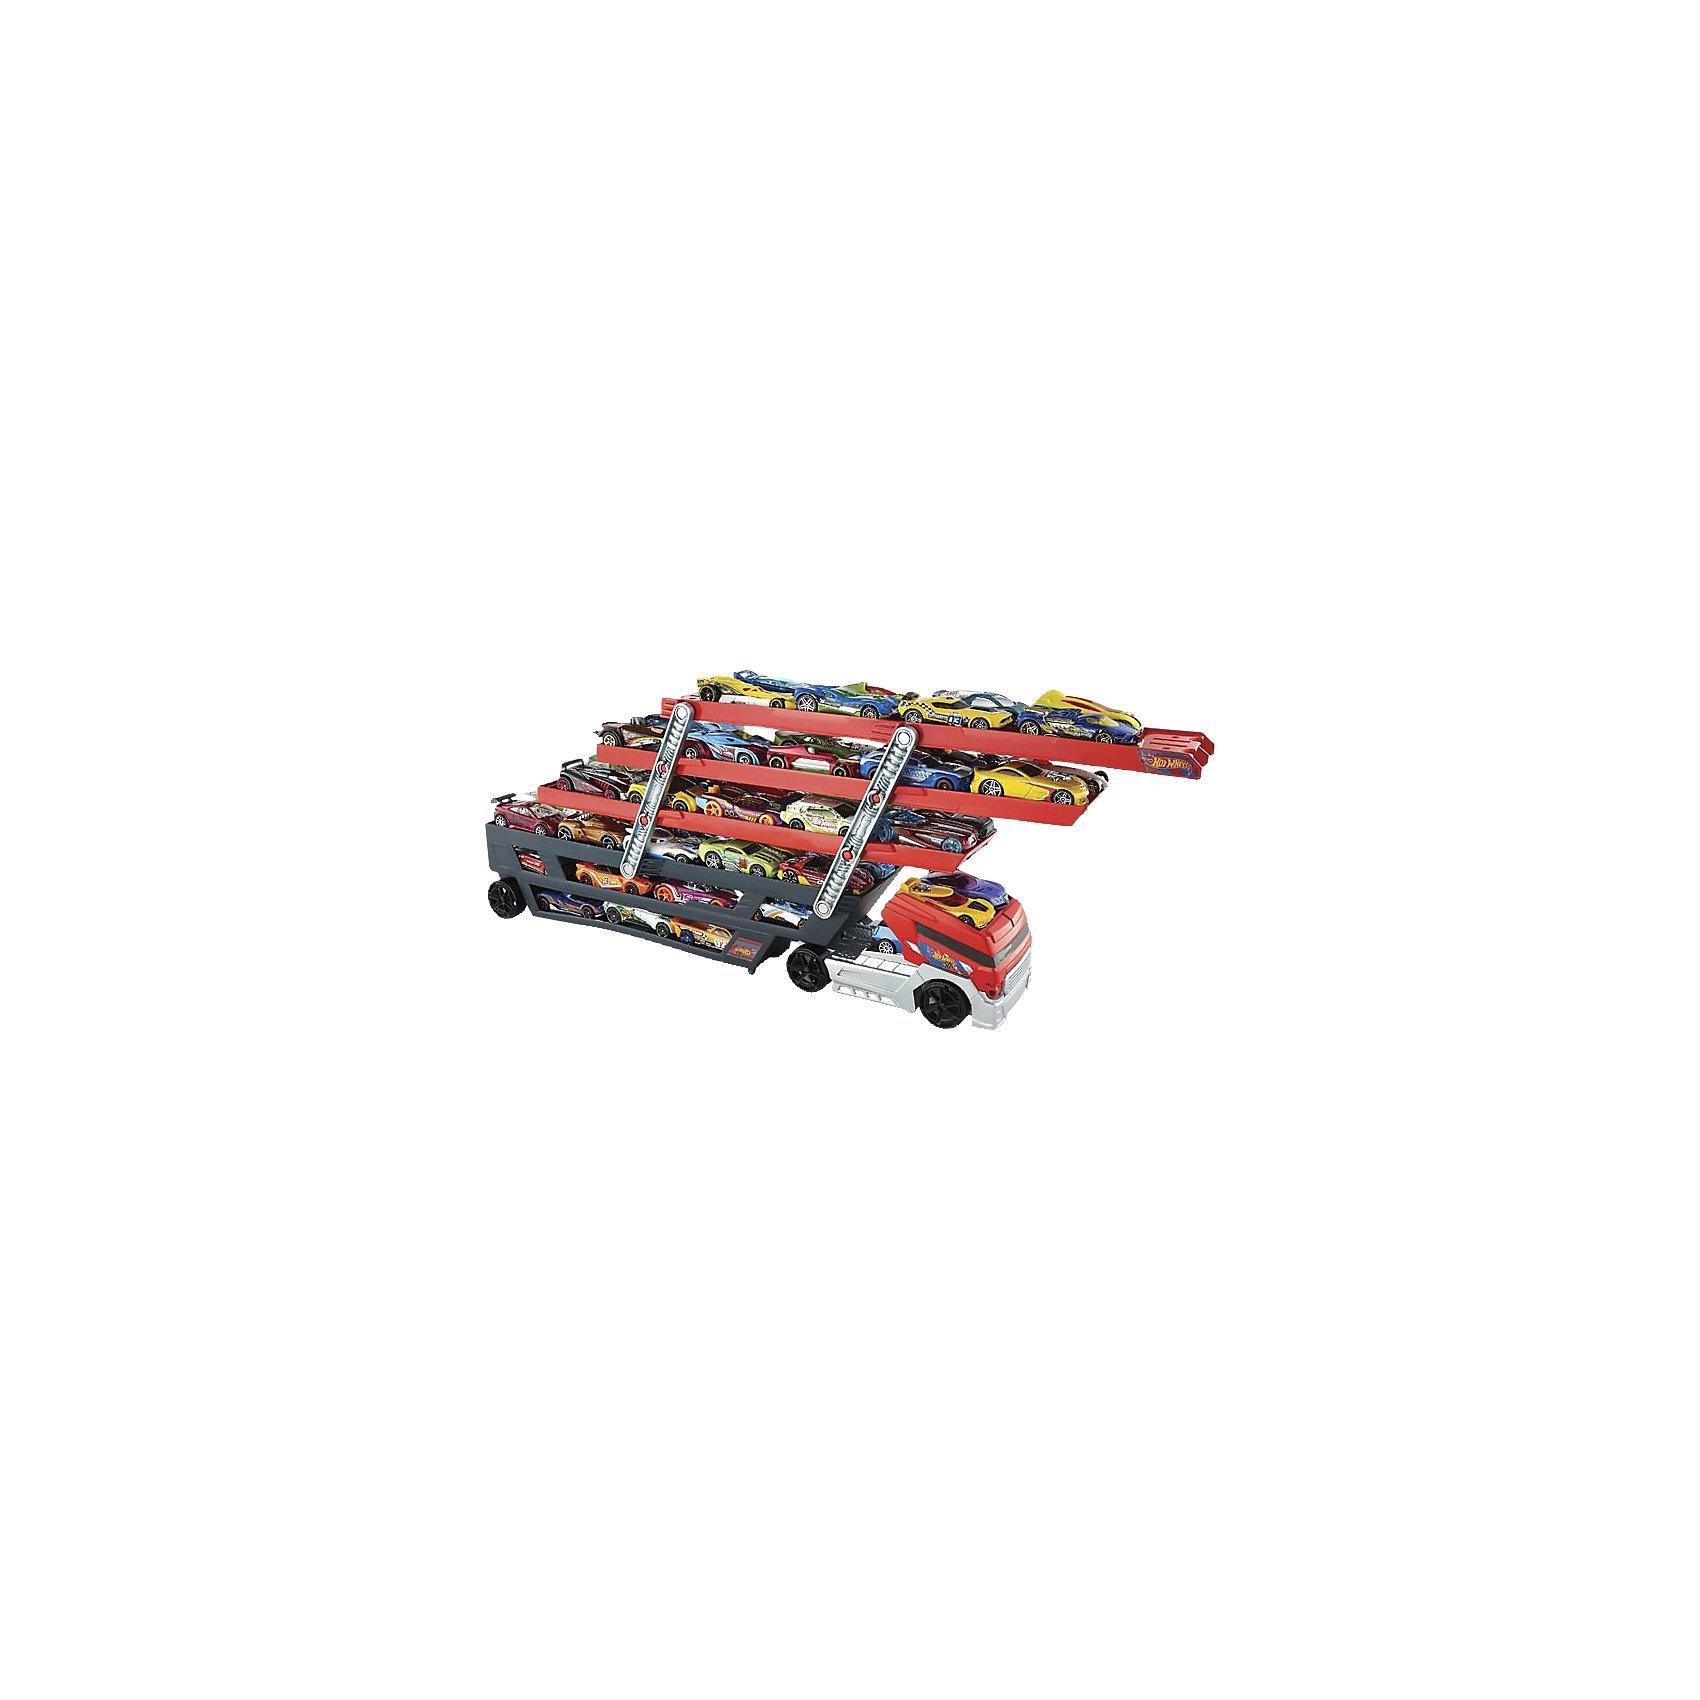 Мега тягачи, Hot WheelsПопулярные игрушки<br>Мега тягачи, Hot Wheels (Хот Вилс)<br><br>Характеристики:<br><br>• 6 уровней<br>• верхние уровни можно поднимать<br>• вмещает более 50 машин<br>• масштаб: 1:30<br>• материал: пластик<br><br>Огромный тягач - прекрасный подарок для поклонников машинок Хот Вилс. Он имеет 6 уровней, которые вмещают в себя более 50 машинок. Верхние уровни и кабину можно поднять. А если присоединить оранжевый трек к верхнему уровню, то машинки будут съезжать прямо с тягача. С таким крепким тягачом самые любимые машинки всегда будут в безопасности!<br><br>Мега тягачи, Hot Wheels (Хот Вилс) можно купить в нашем интернет-магазине.<br><br>Ширина мм: 462<br>Глубина мм: 192<br>Высота мм: 93<br>Вес г: 680<br>Возраст от месяцев: 48<br>Возраст до месяцев: 96<br>Пол: Мужской<br>Возраст: Детский<br>SKU: 4157414